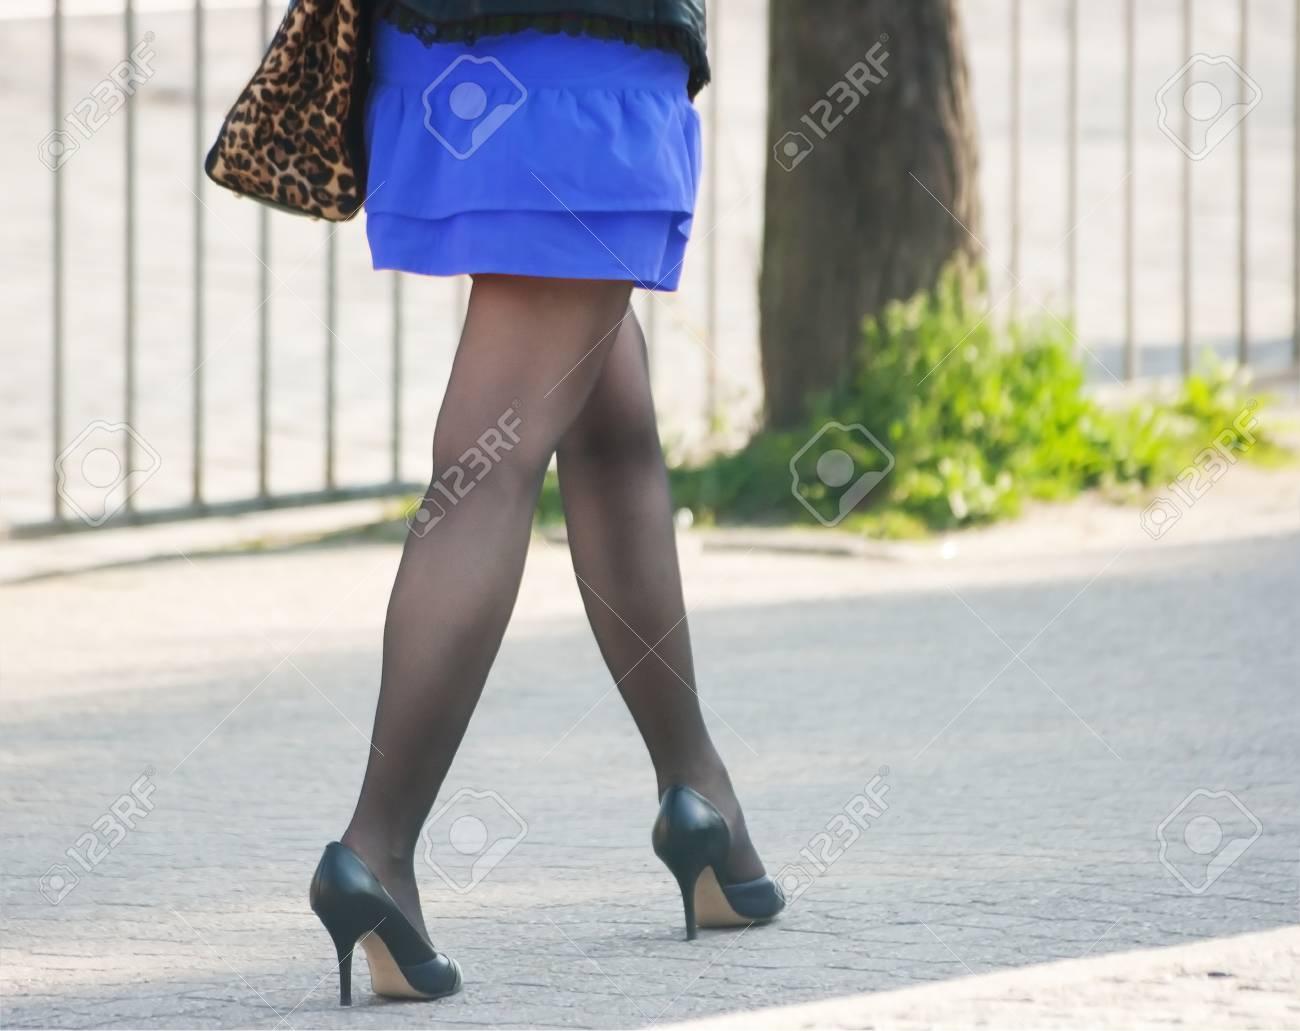 Medias Con Caminando Y Negras Azul Una Falda Zapatos En Mujer La IqRSS